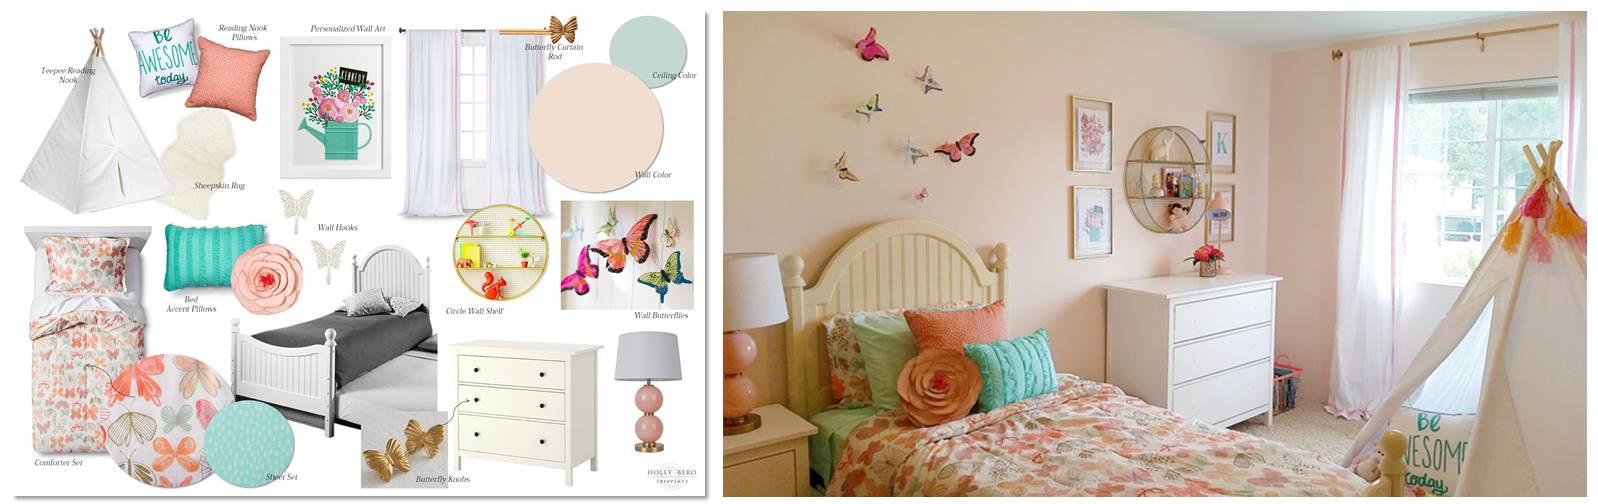 E-Design Completed Room Design